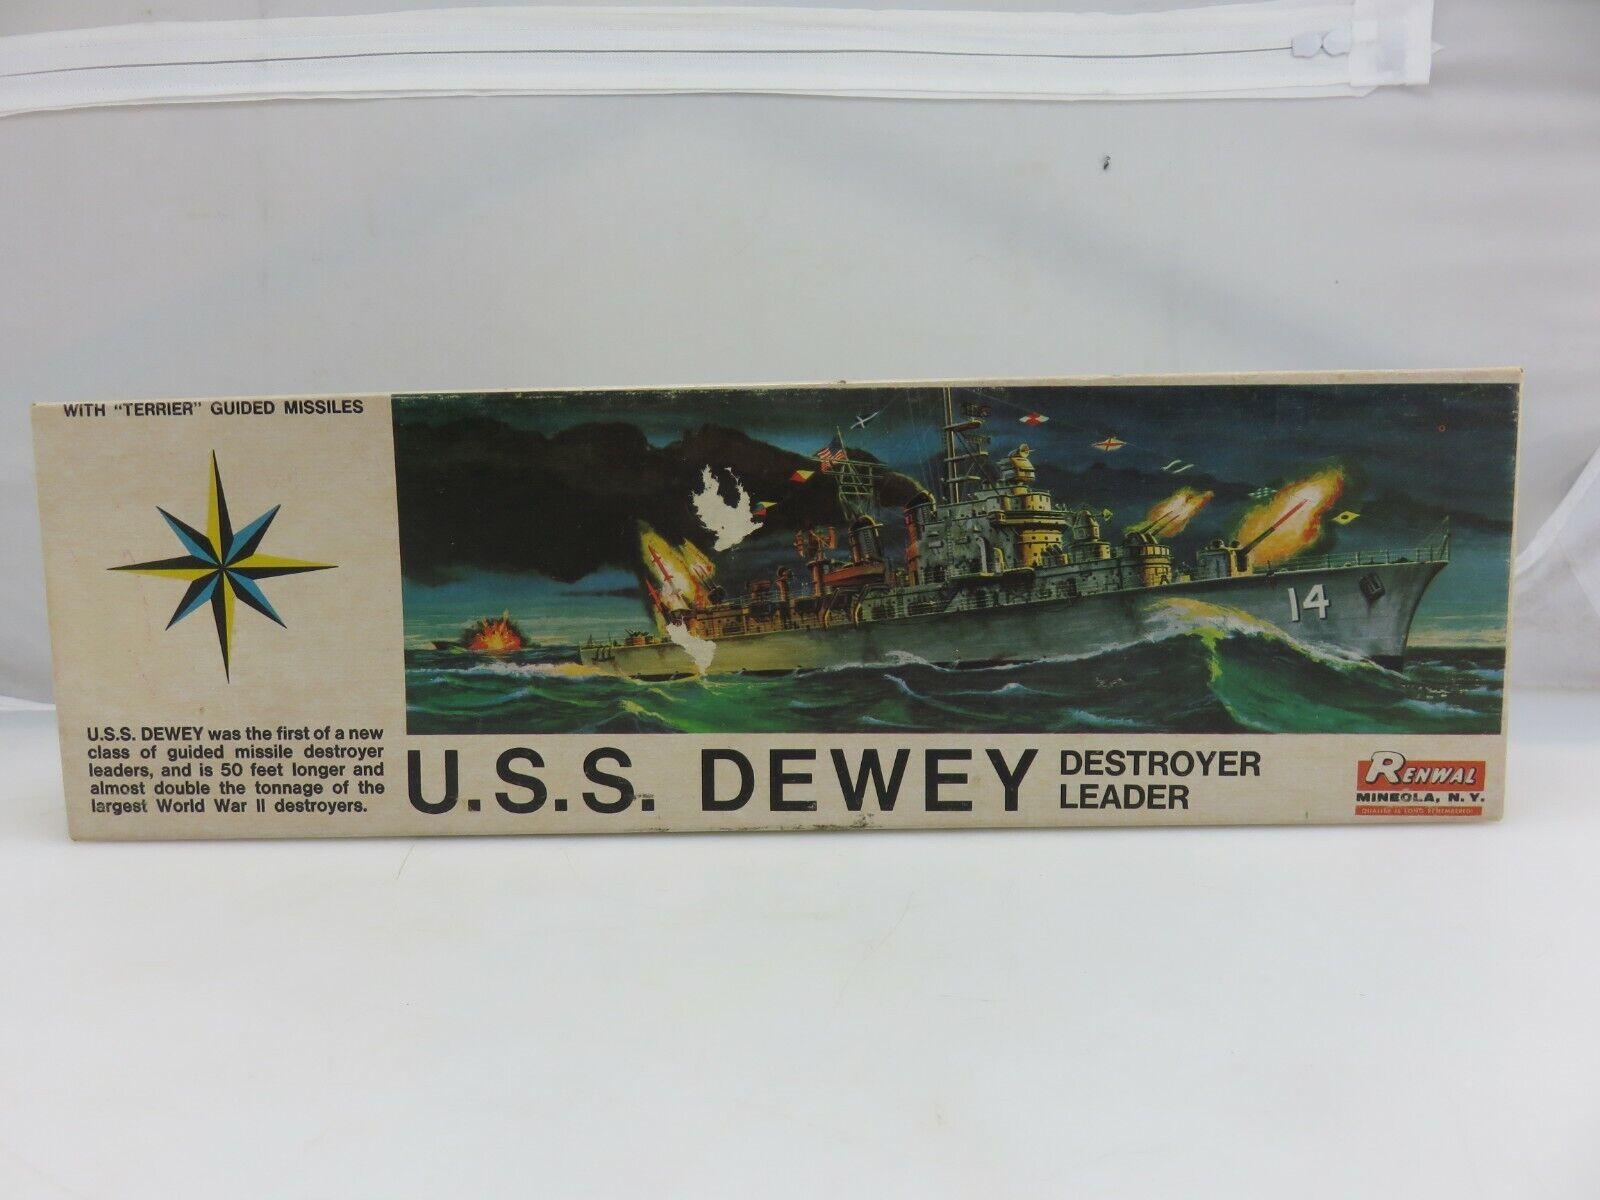 El modelo plástico de de de 1   500 proporciones del destructor Dewey del renwall no está terminado. eb7